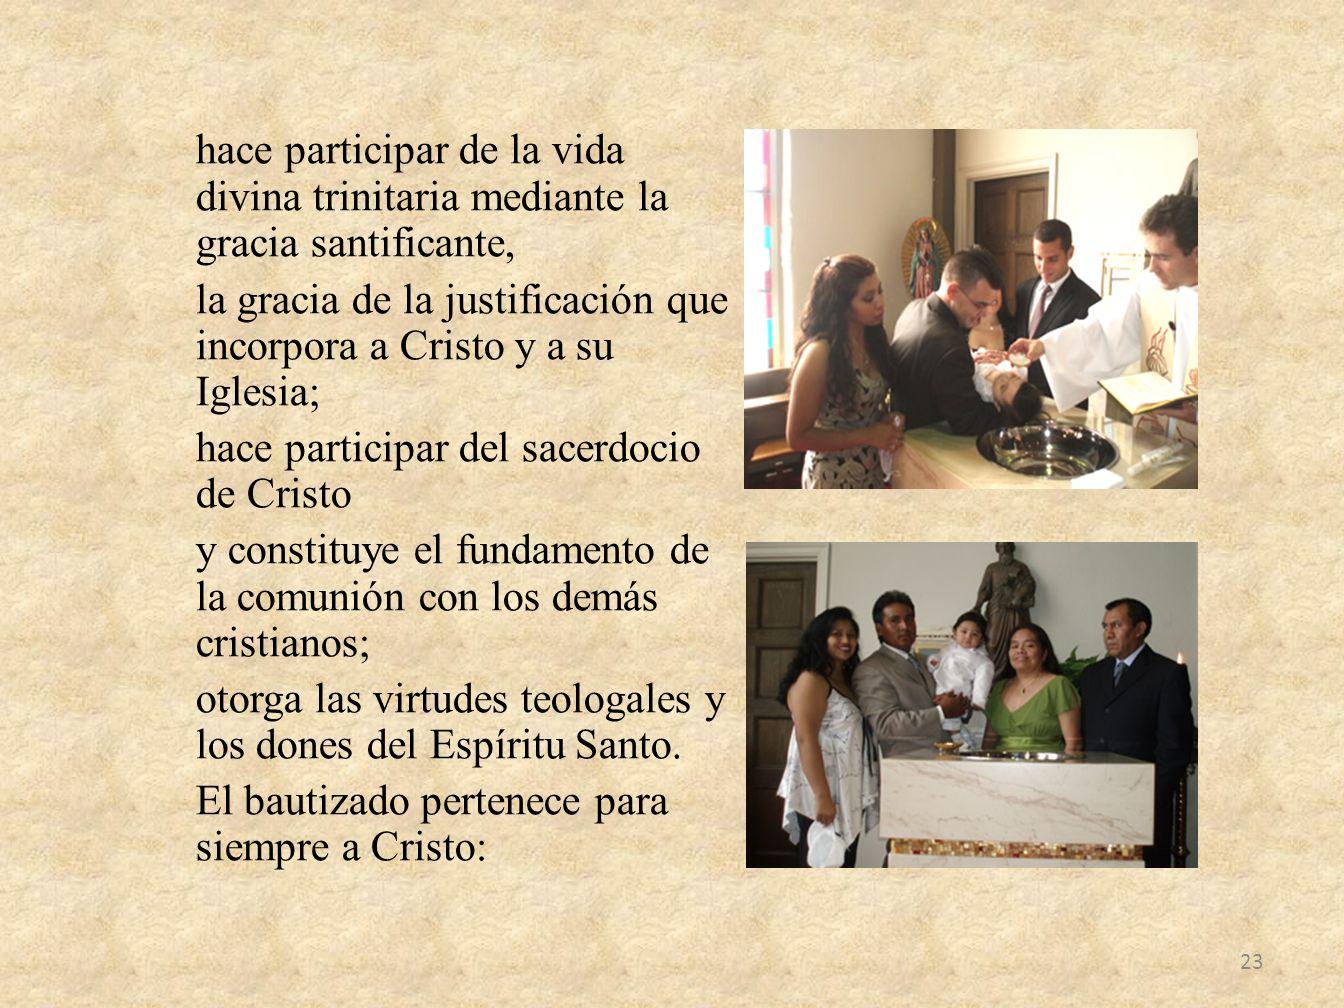 hace participar de la vida divina trinitaria mediante la gracia santificante, la gracia de la justificación que incorpora a Cristo y a su Iglesia; hac